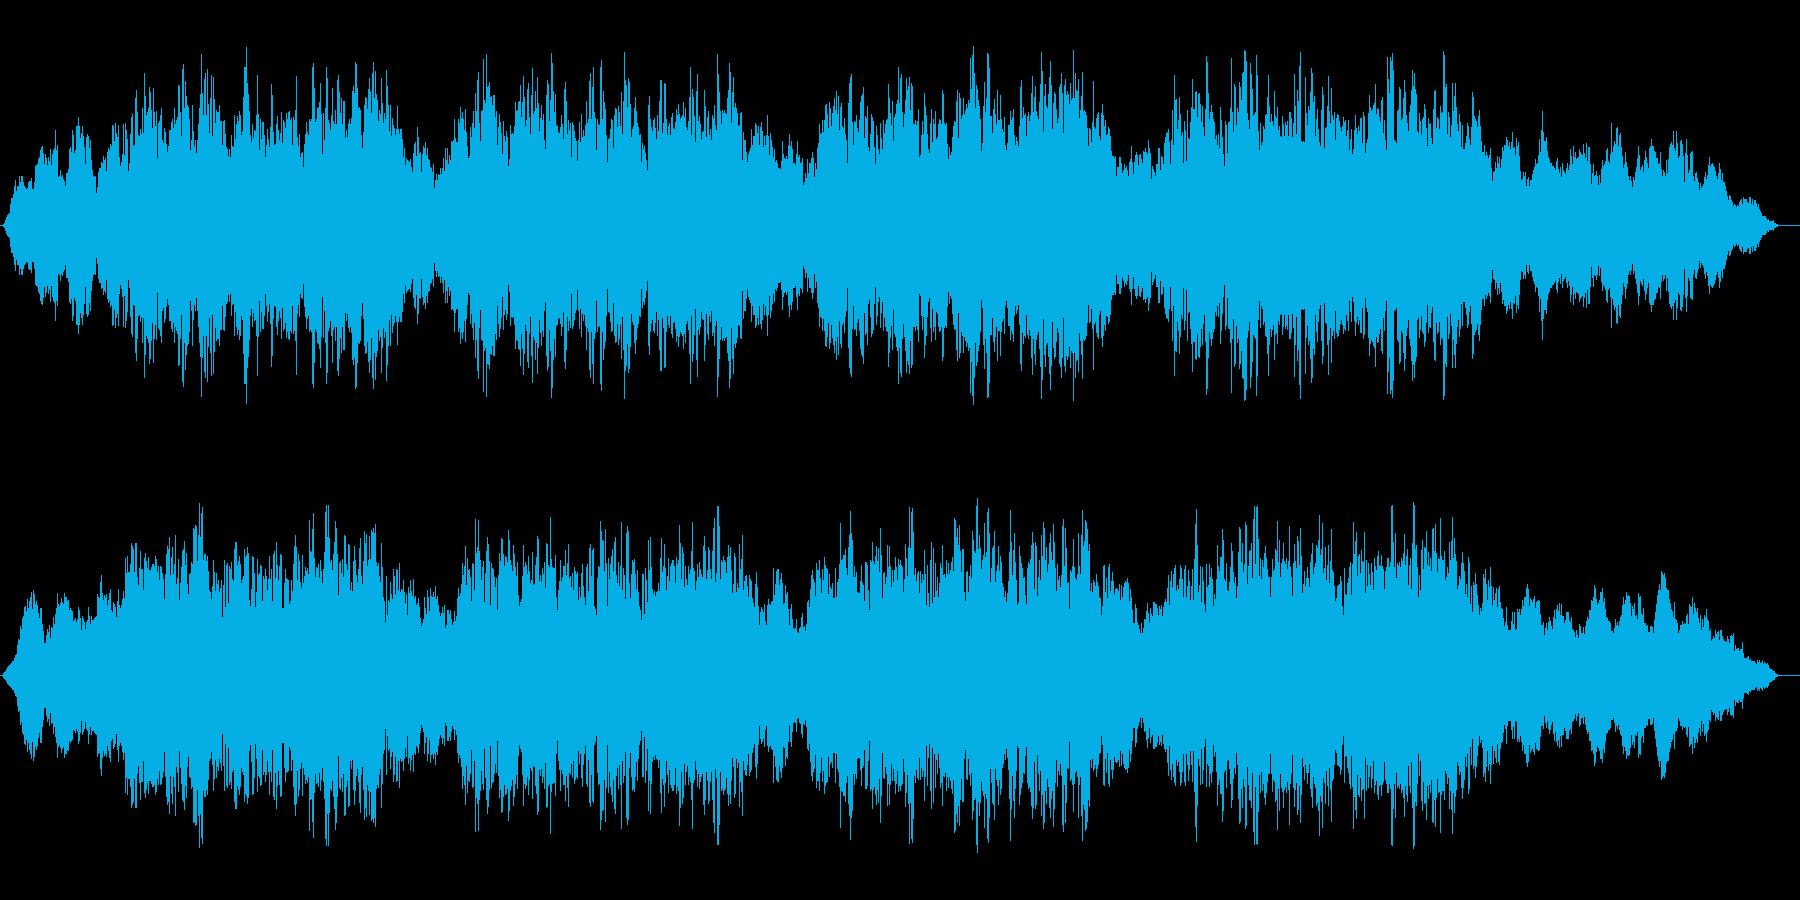 ホラー系BGM.01の再生済みの波形